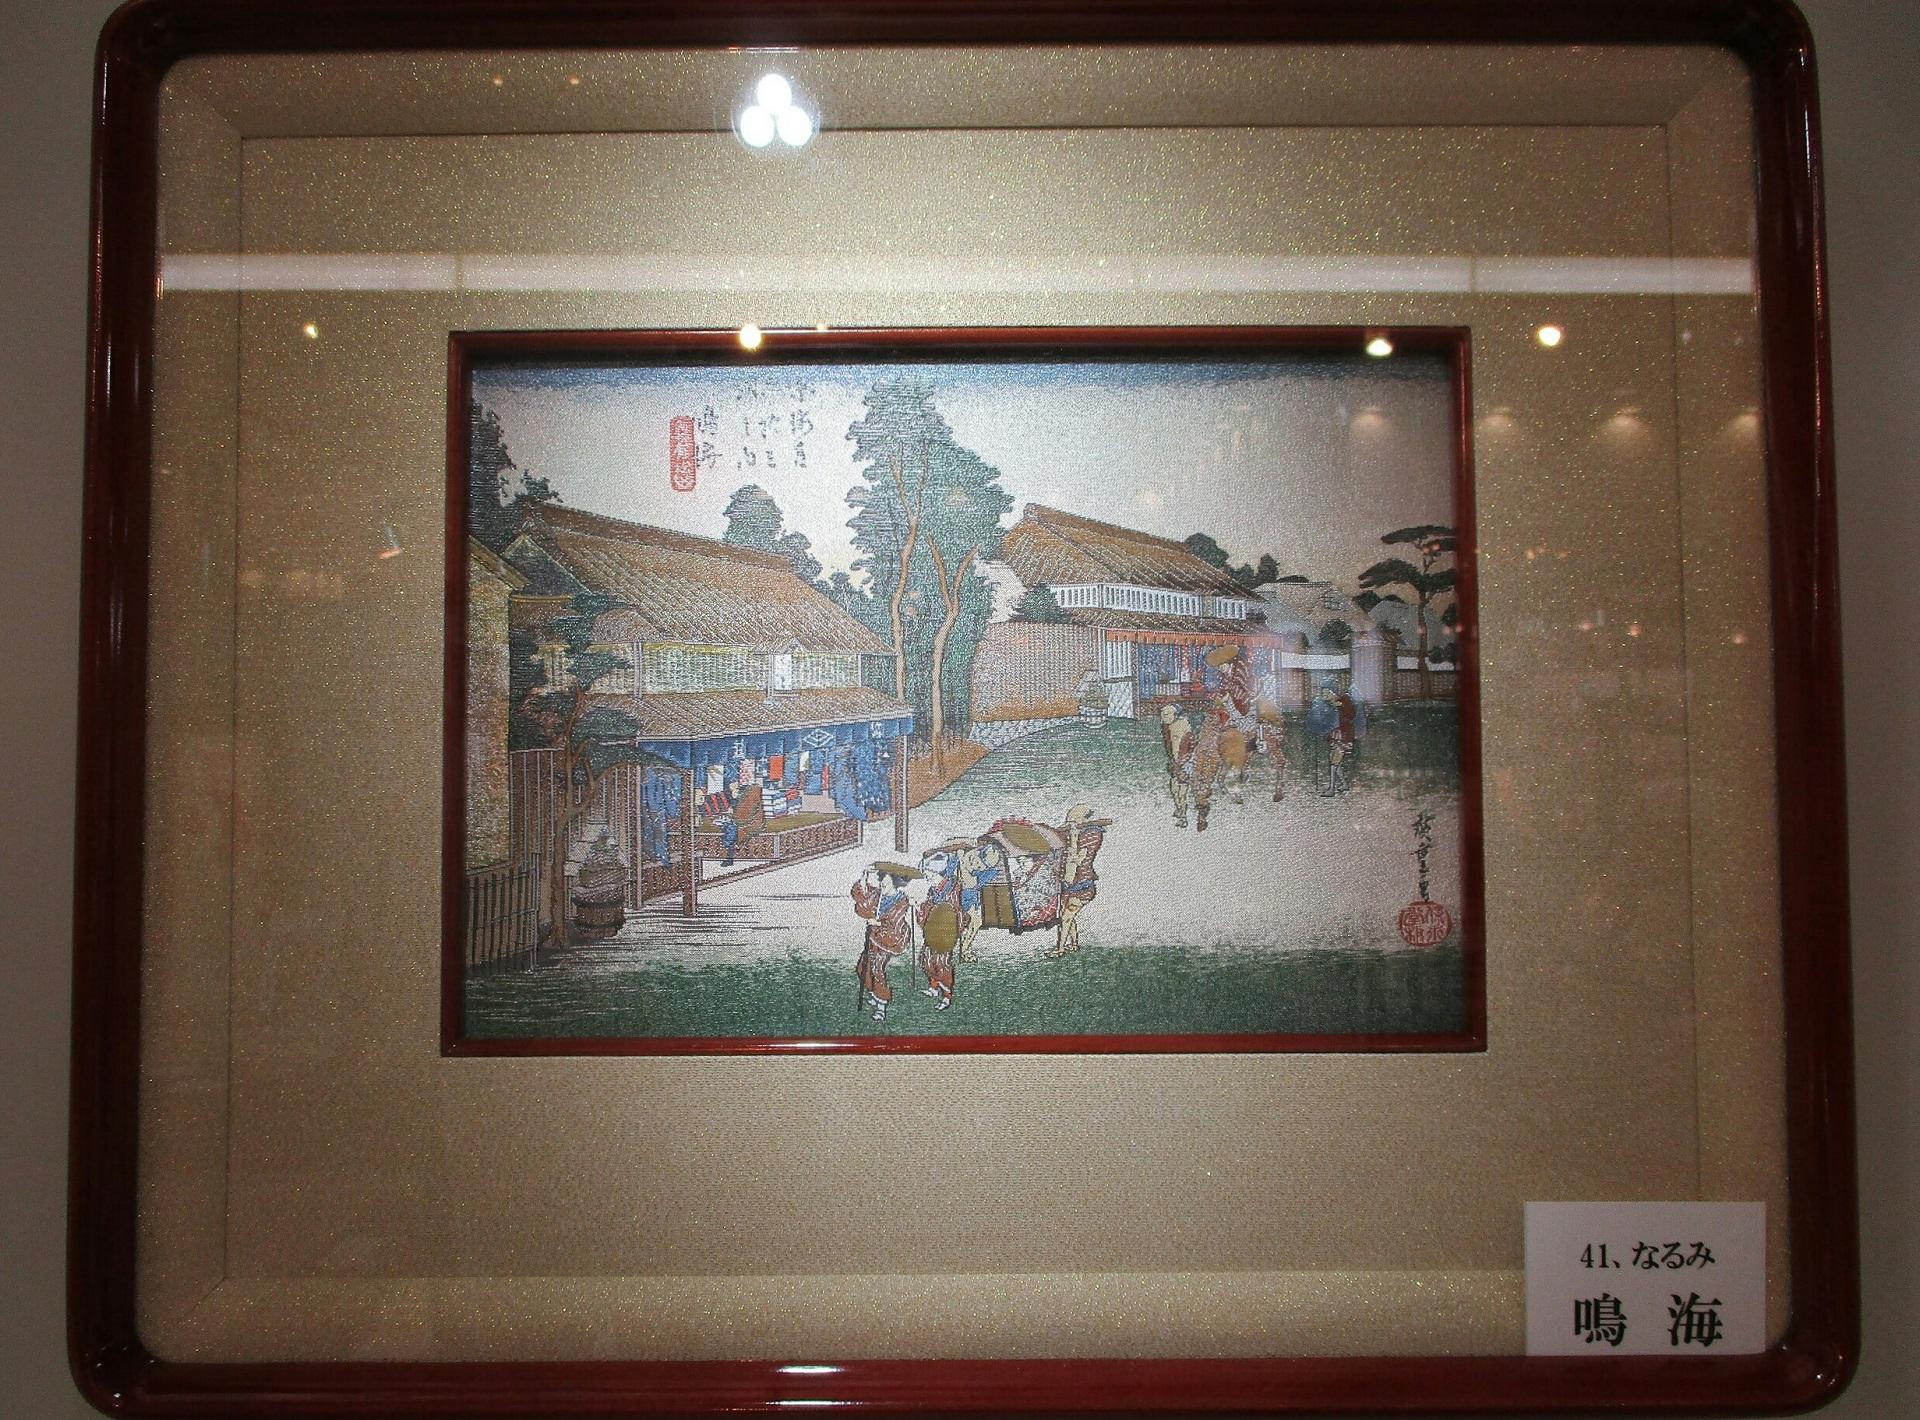 2018.6.27 (23) 西陣博覧会 - 鳴海 1920-1420